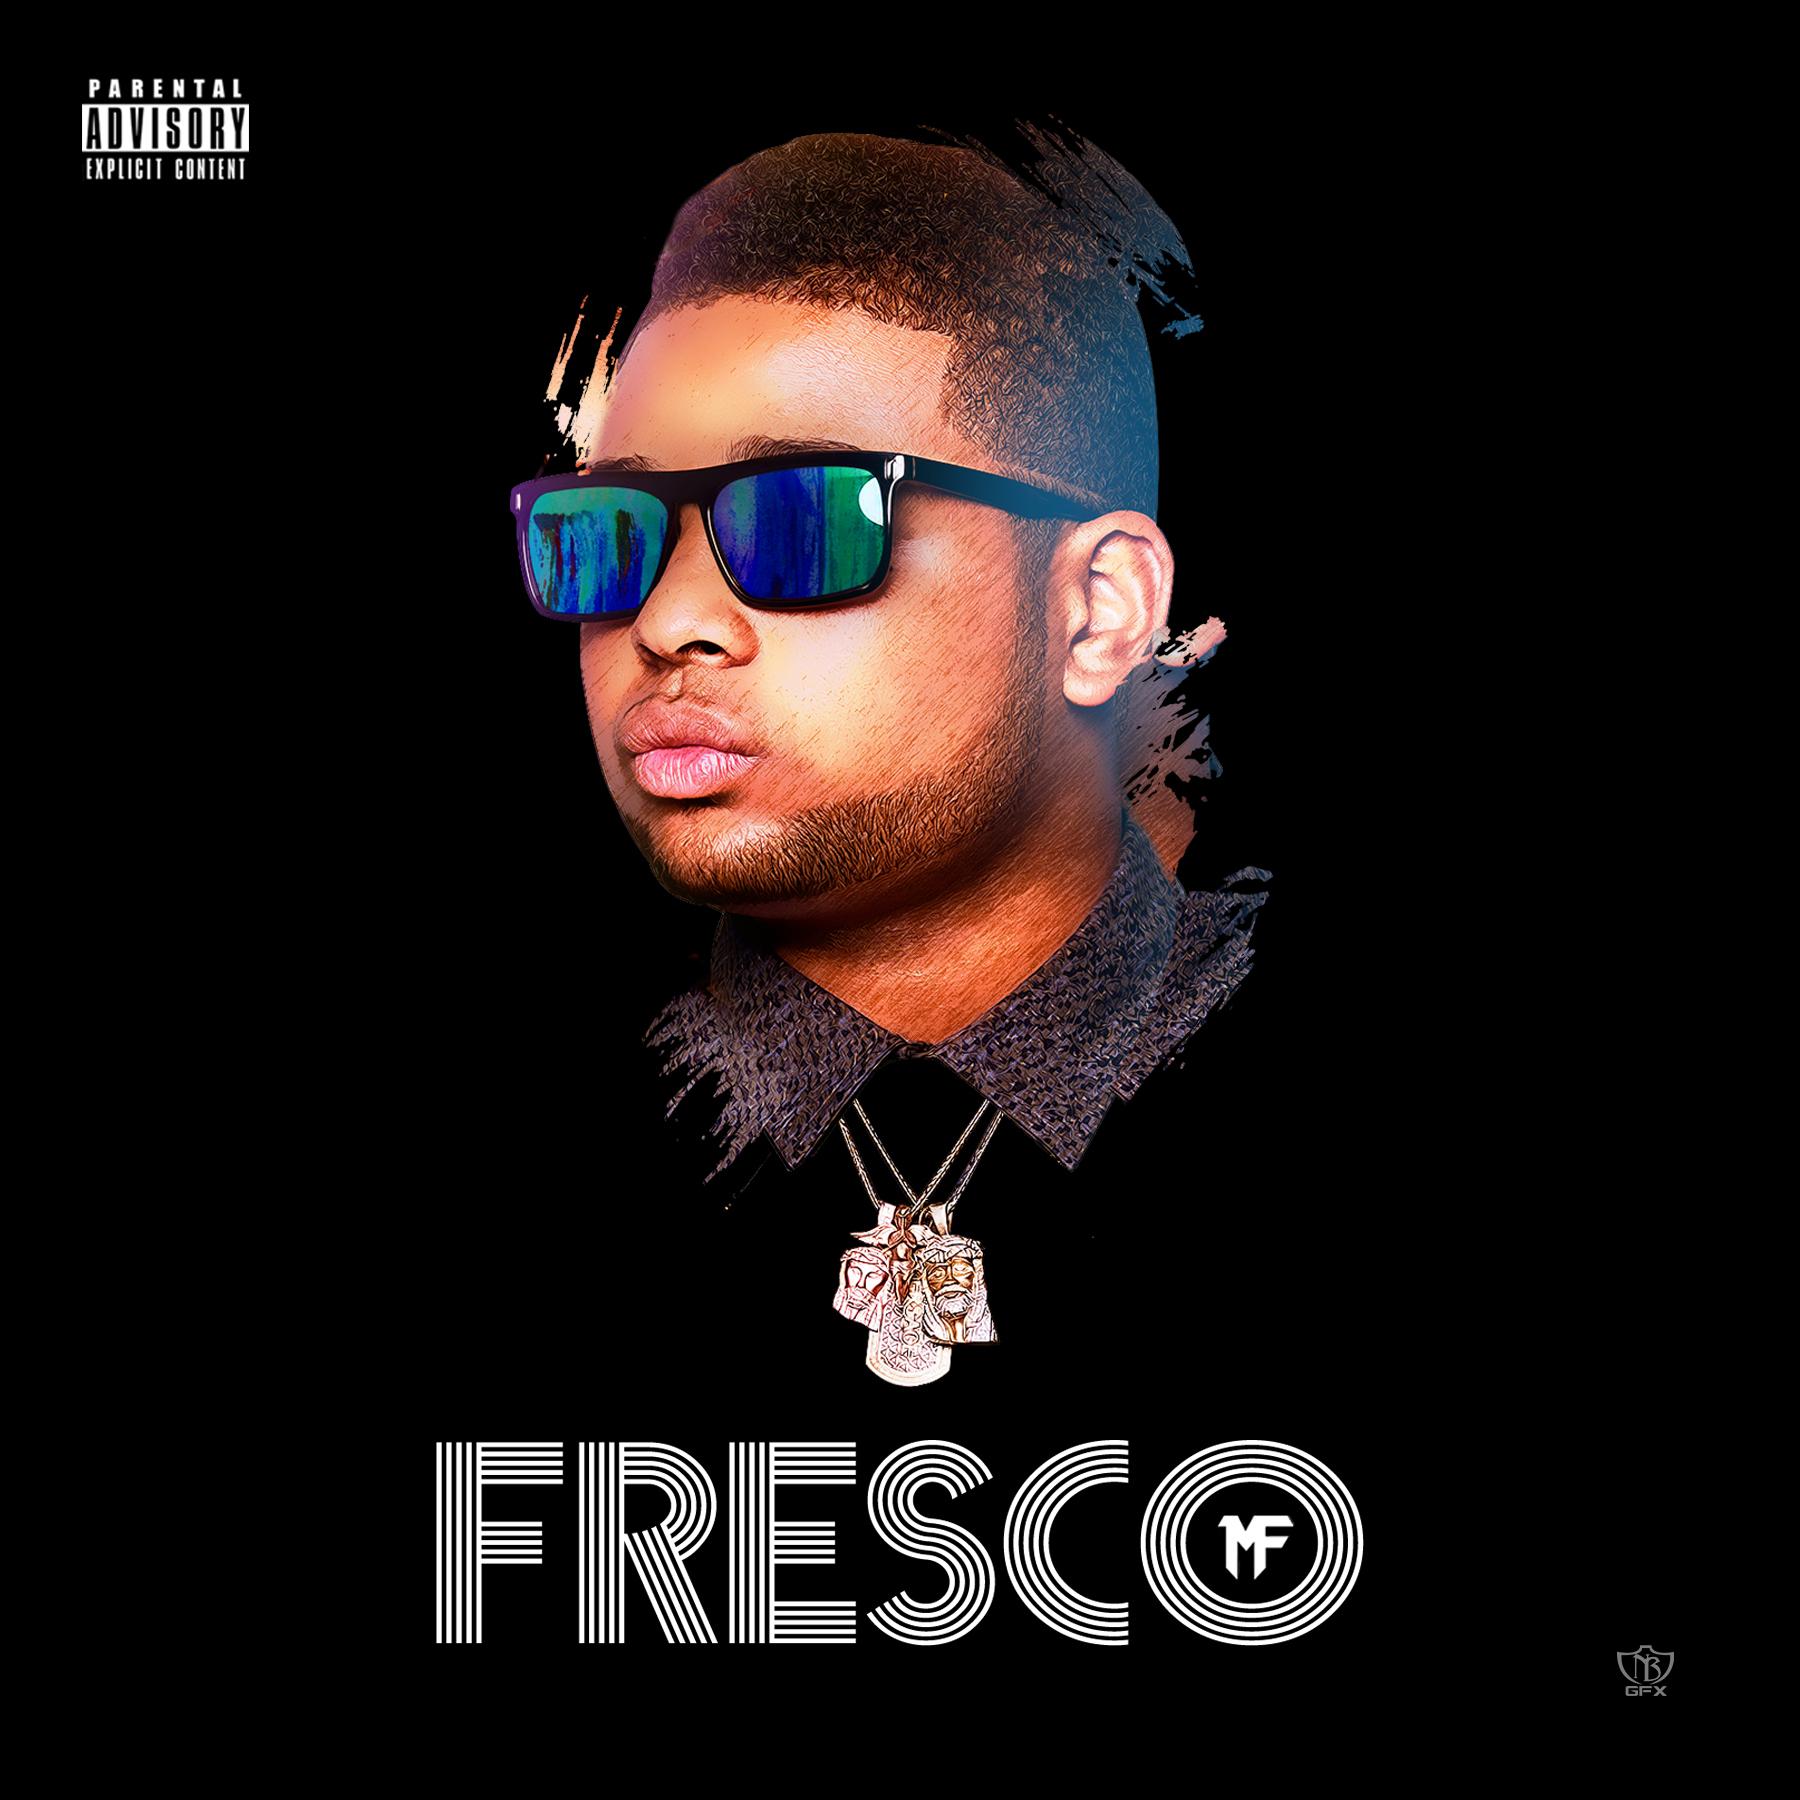 1412792148_mike_fresh_fresco_3_60.jpg